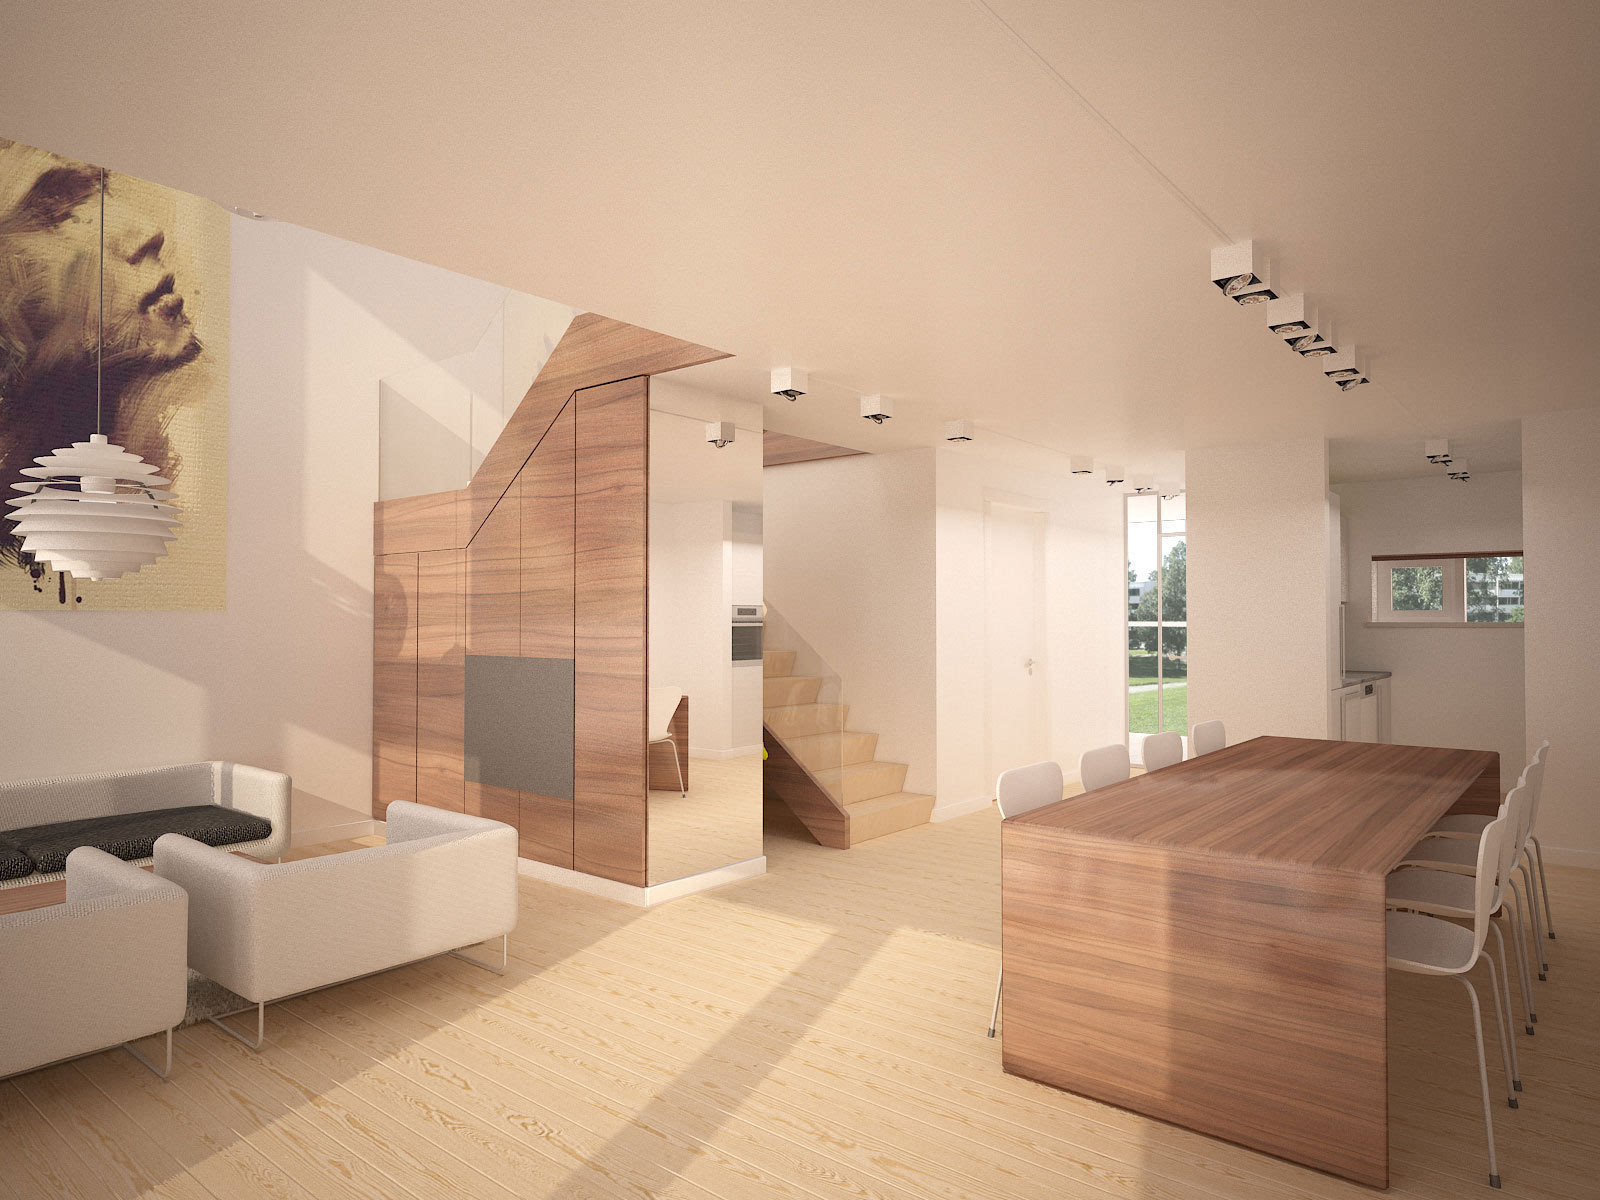 复式楼家居装修效果图_艺术总是骄傲的